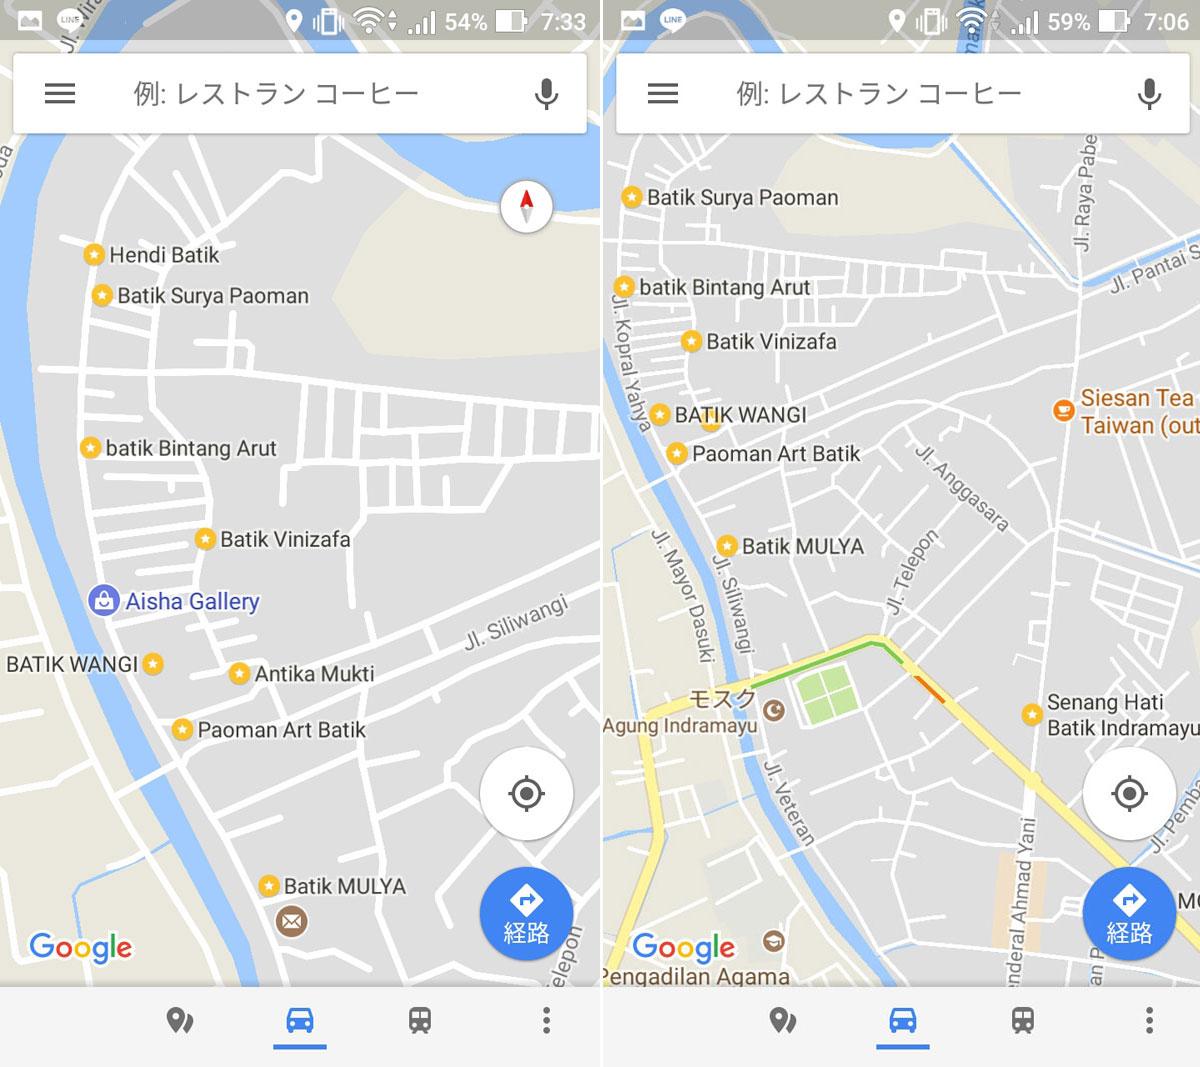 f:id:ishigaki10:20210519220025j:plain